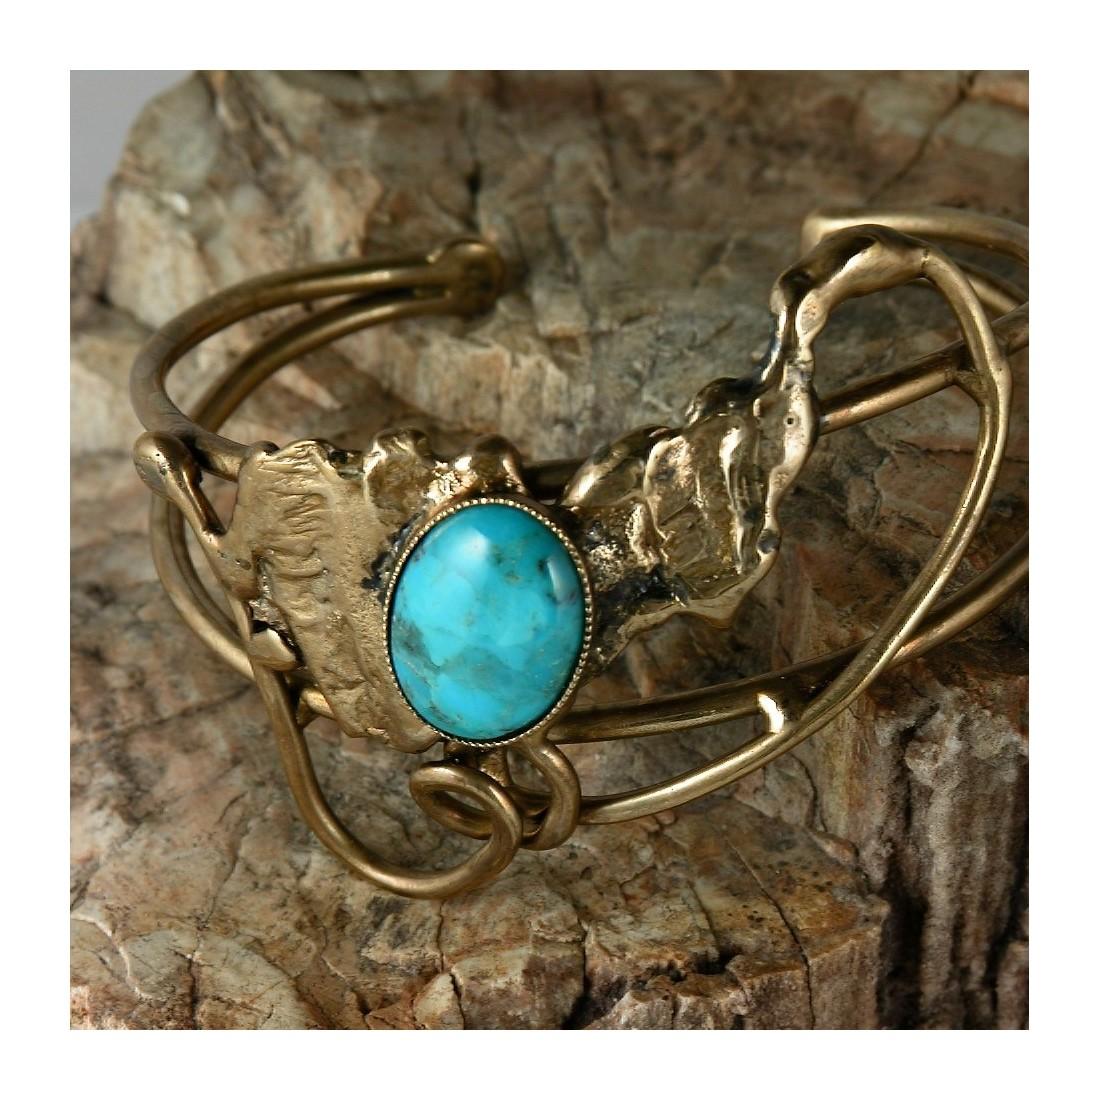 Bracelet artisanal unique fait main avec une turquoise